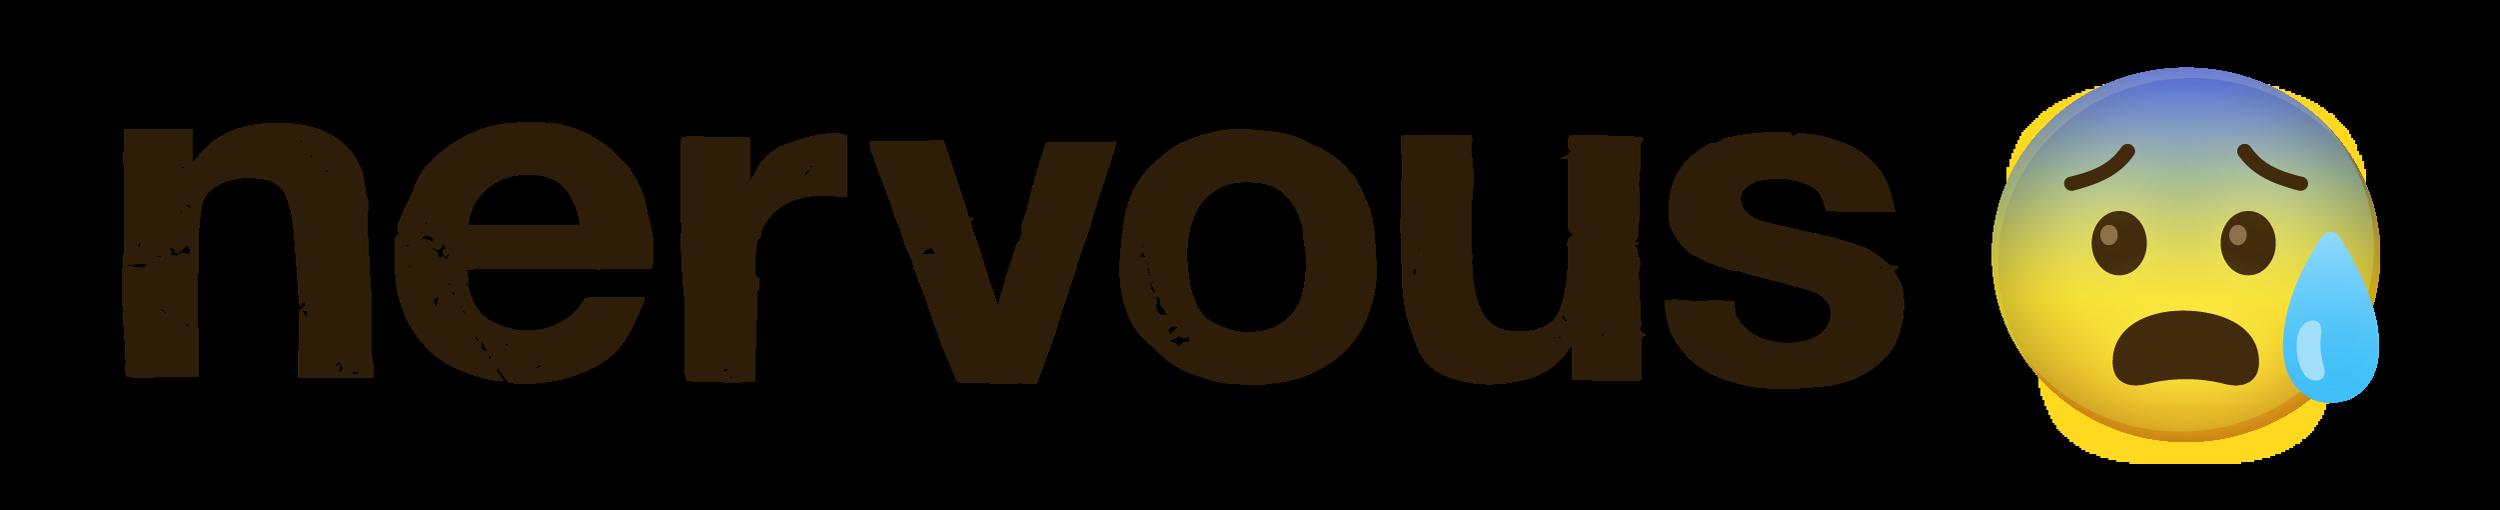 Nervous Logo